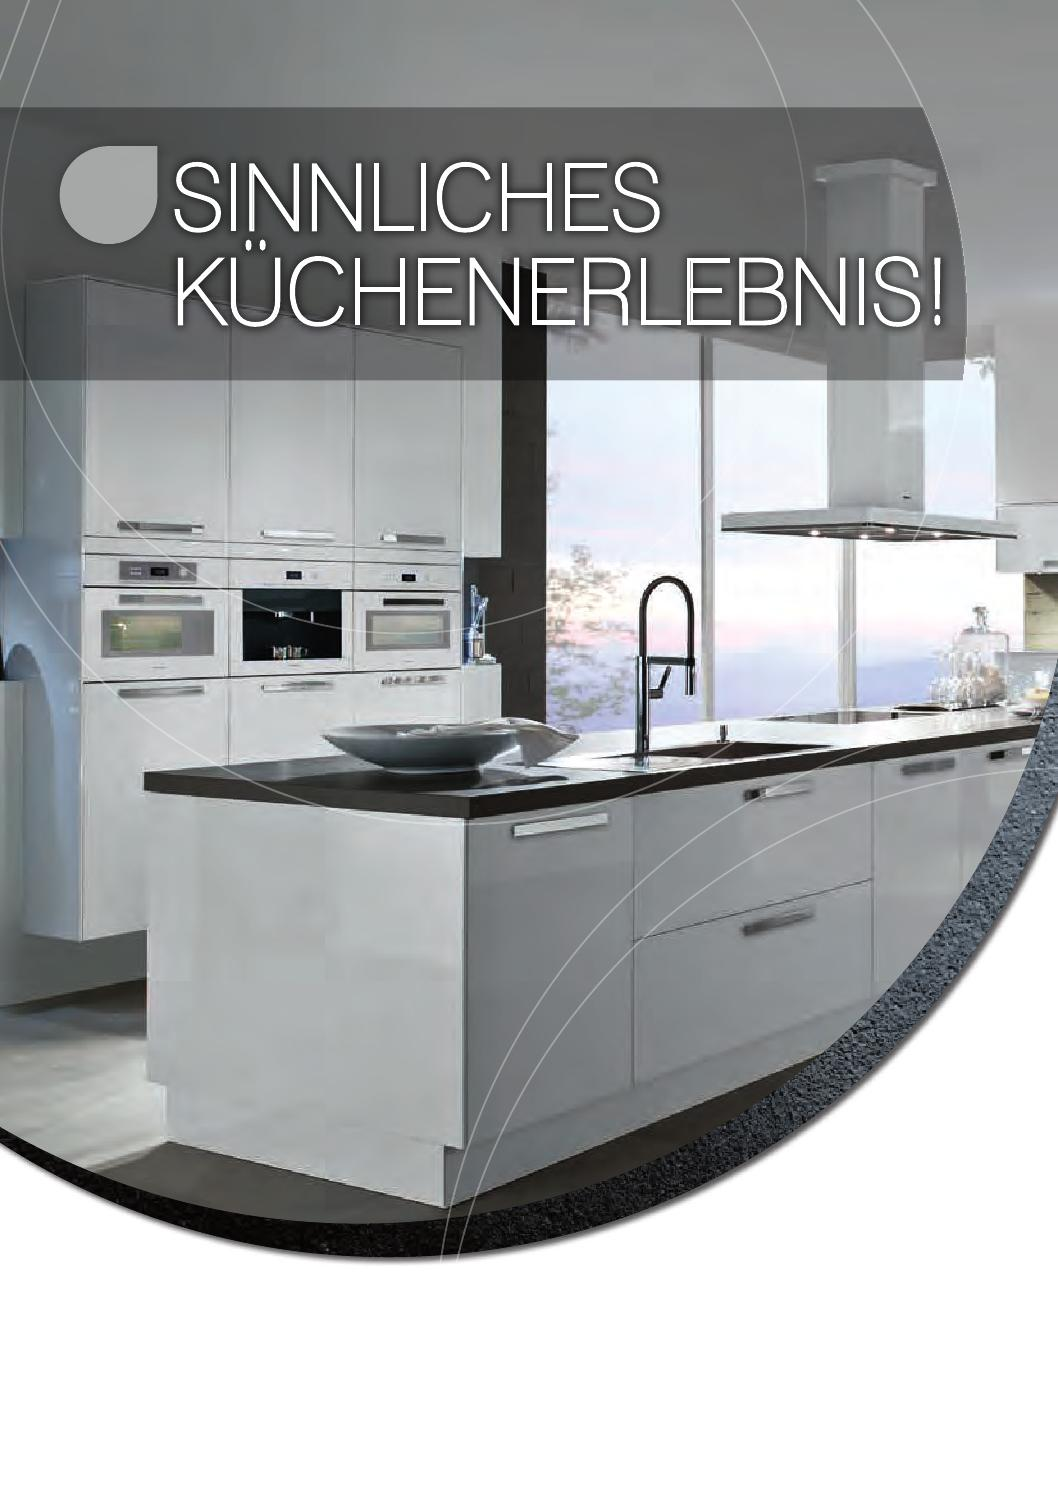 sinnliches k chenerlebnis by andy rudorfer issuu. Black Bedroom Furniture Sets. Home Design Ideas